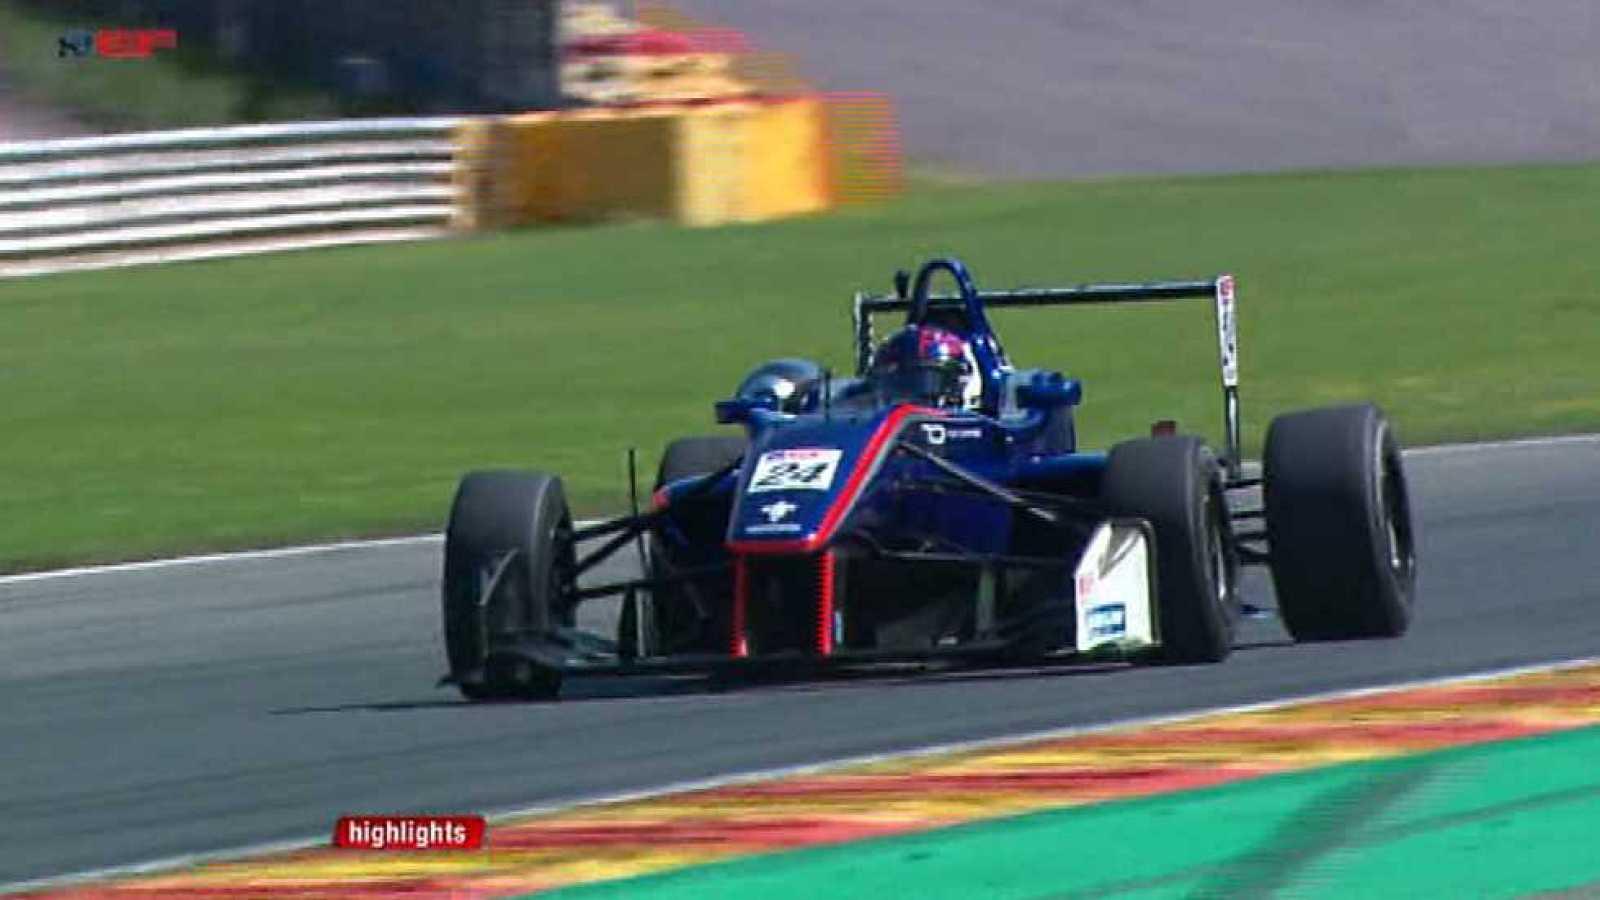 Automovilismo - Eurofórmula Open 1ª Carrera desde Spa (Bélgica) - ver ahora